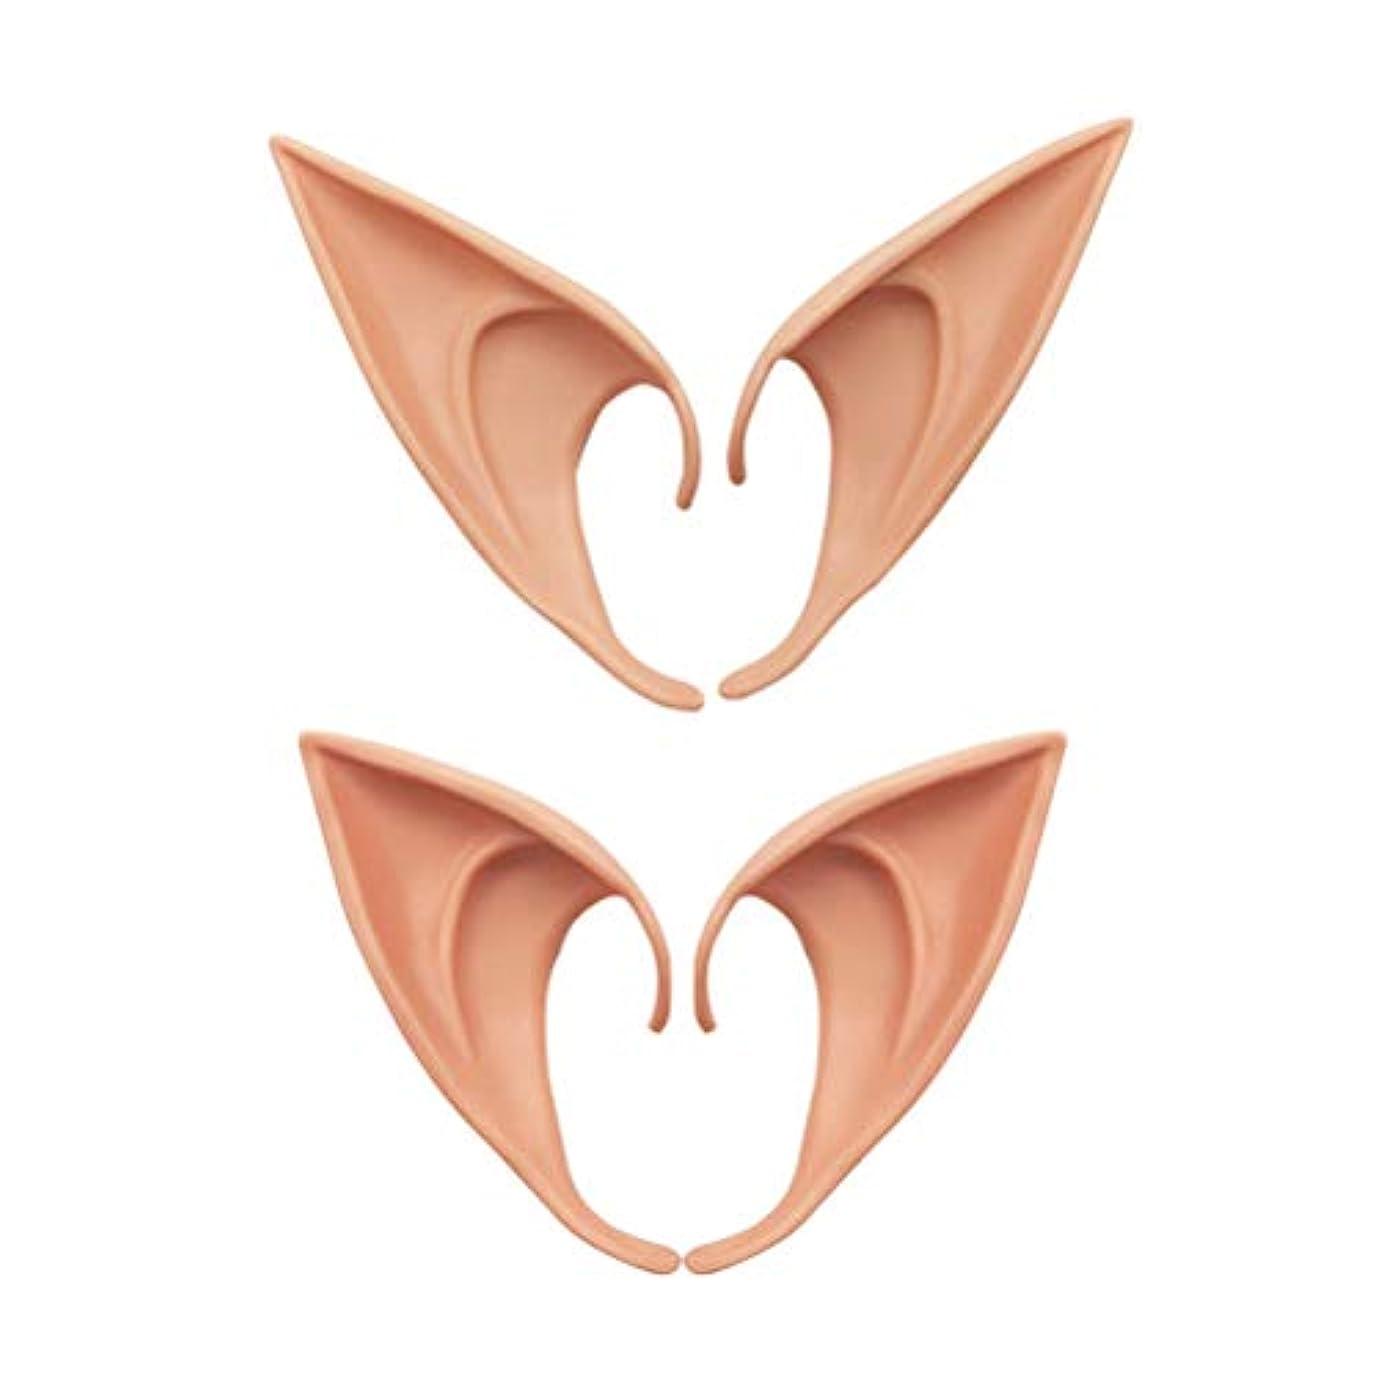 魅力ポータルハイジャックToyvian エルフ耳コスプレイースターカーニバルパーティーエルフコスチューム補綴耳偽のヒント耳写真小道具4ピース